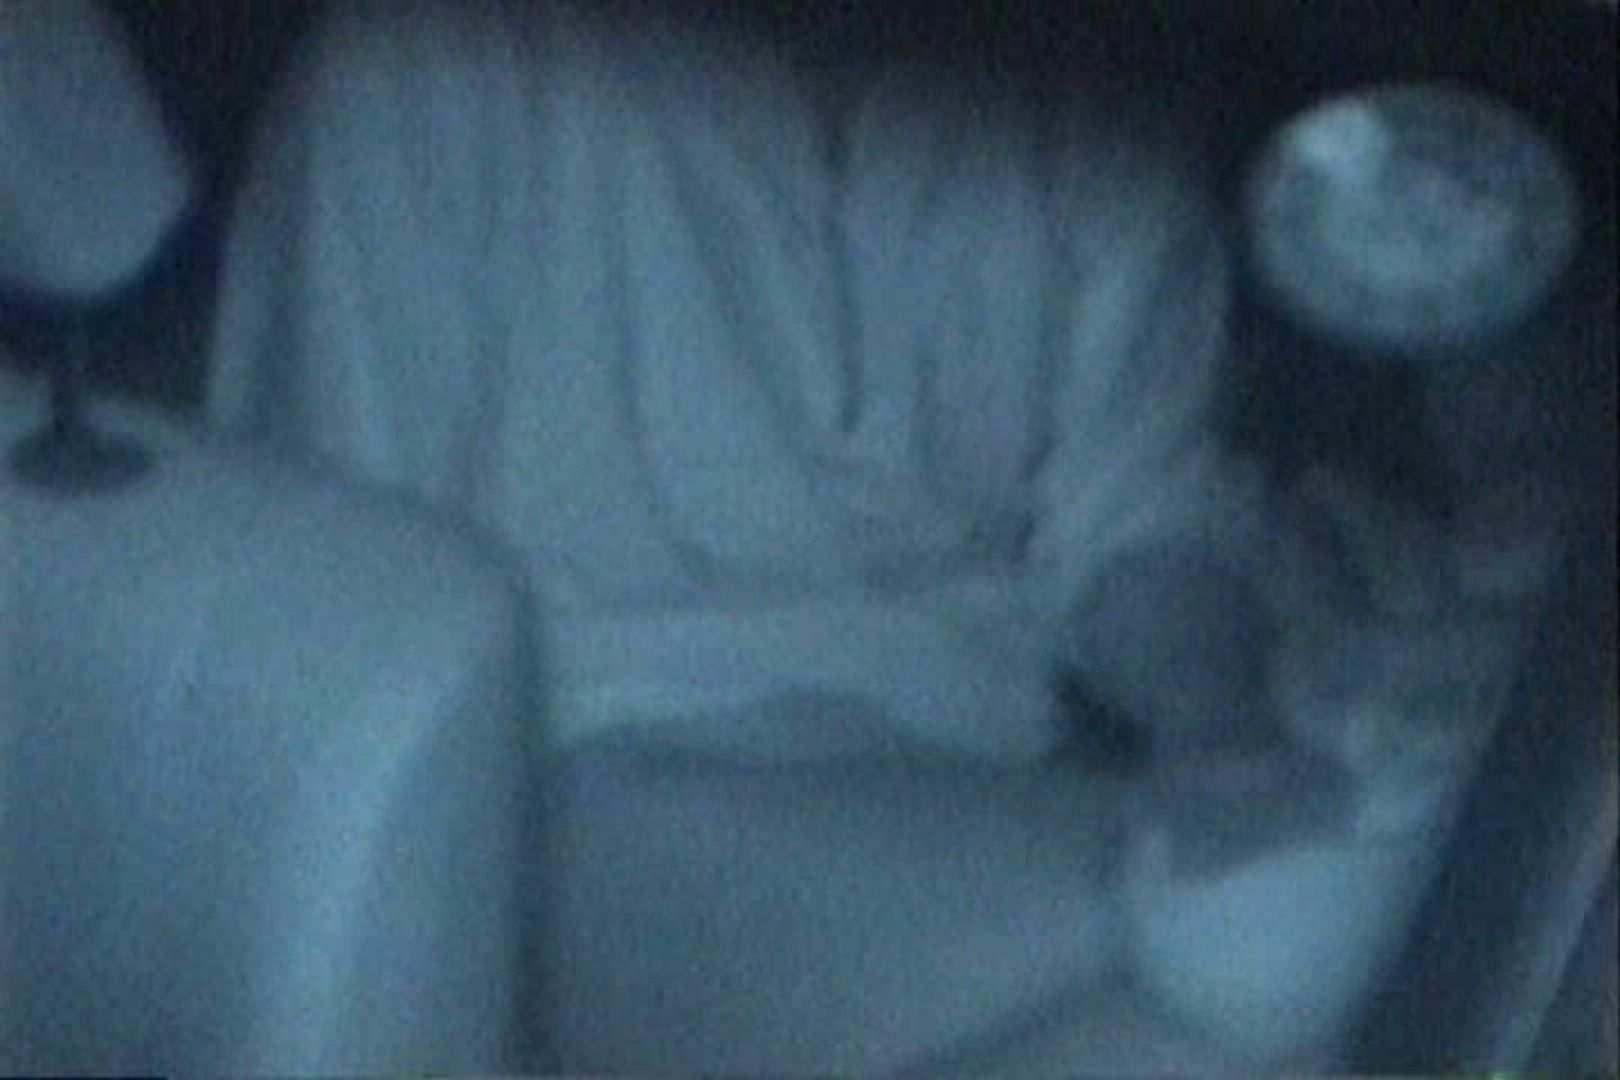 充血監督の深夜の運動会Vol.150 車でエッチ 隠し撮りオマンコ動画紹介 95PIX 20